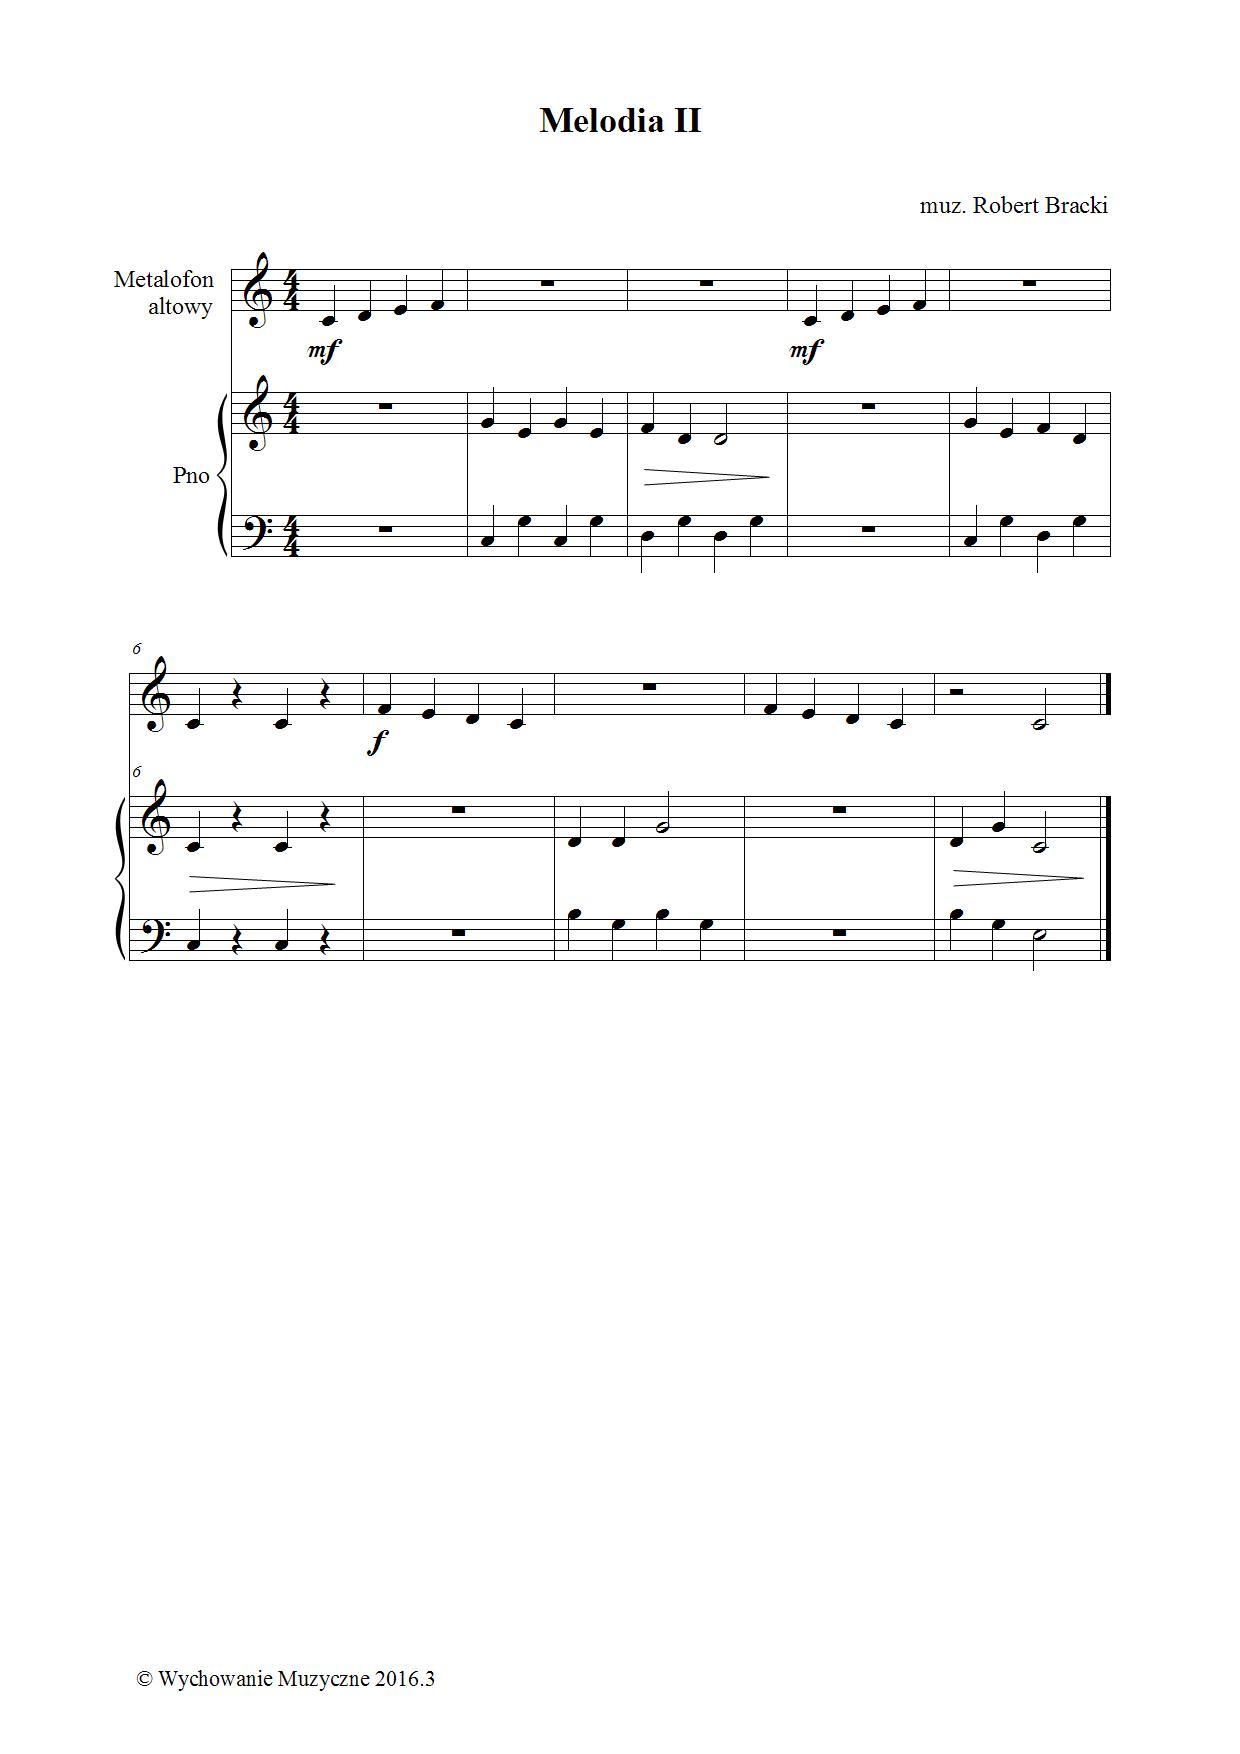 Melodia II